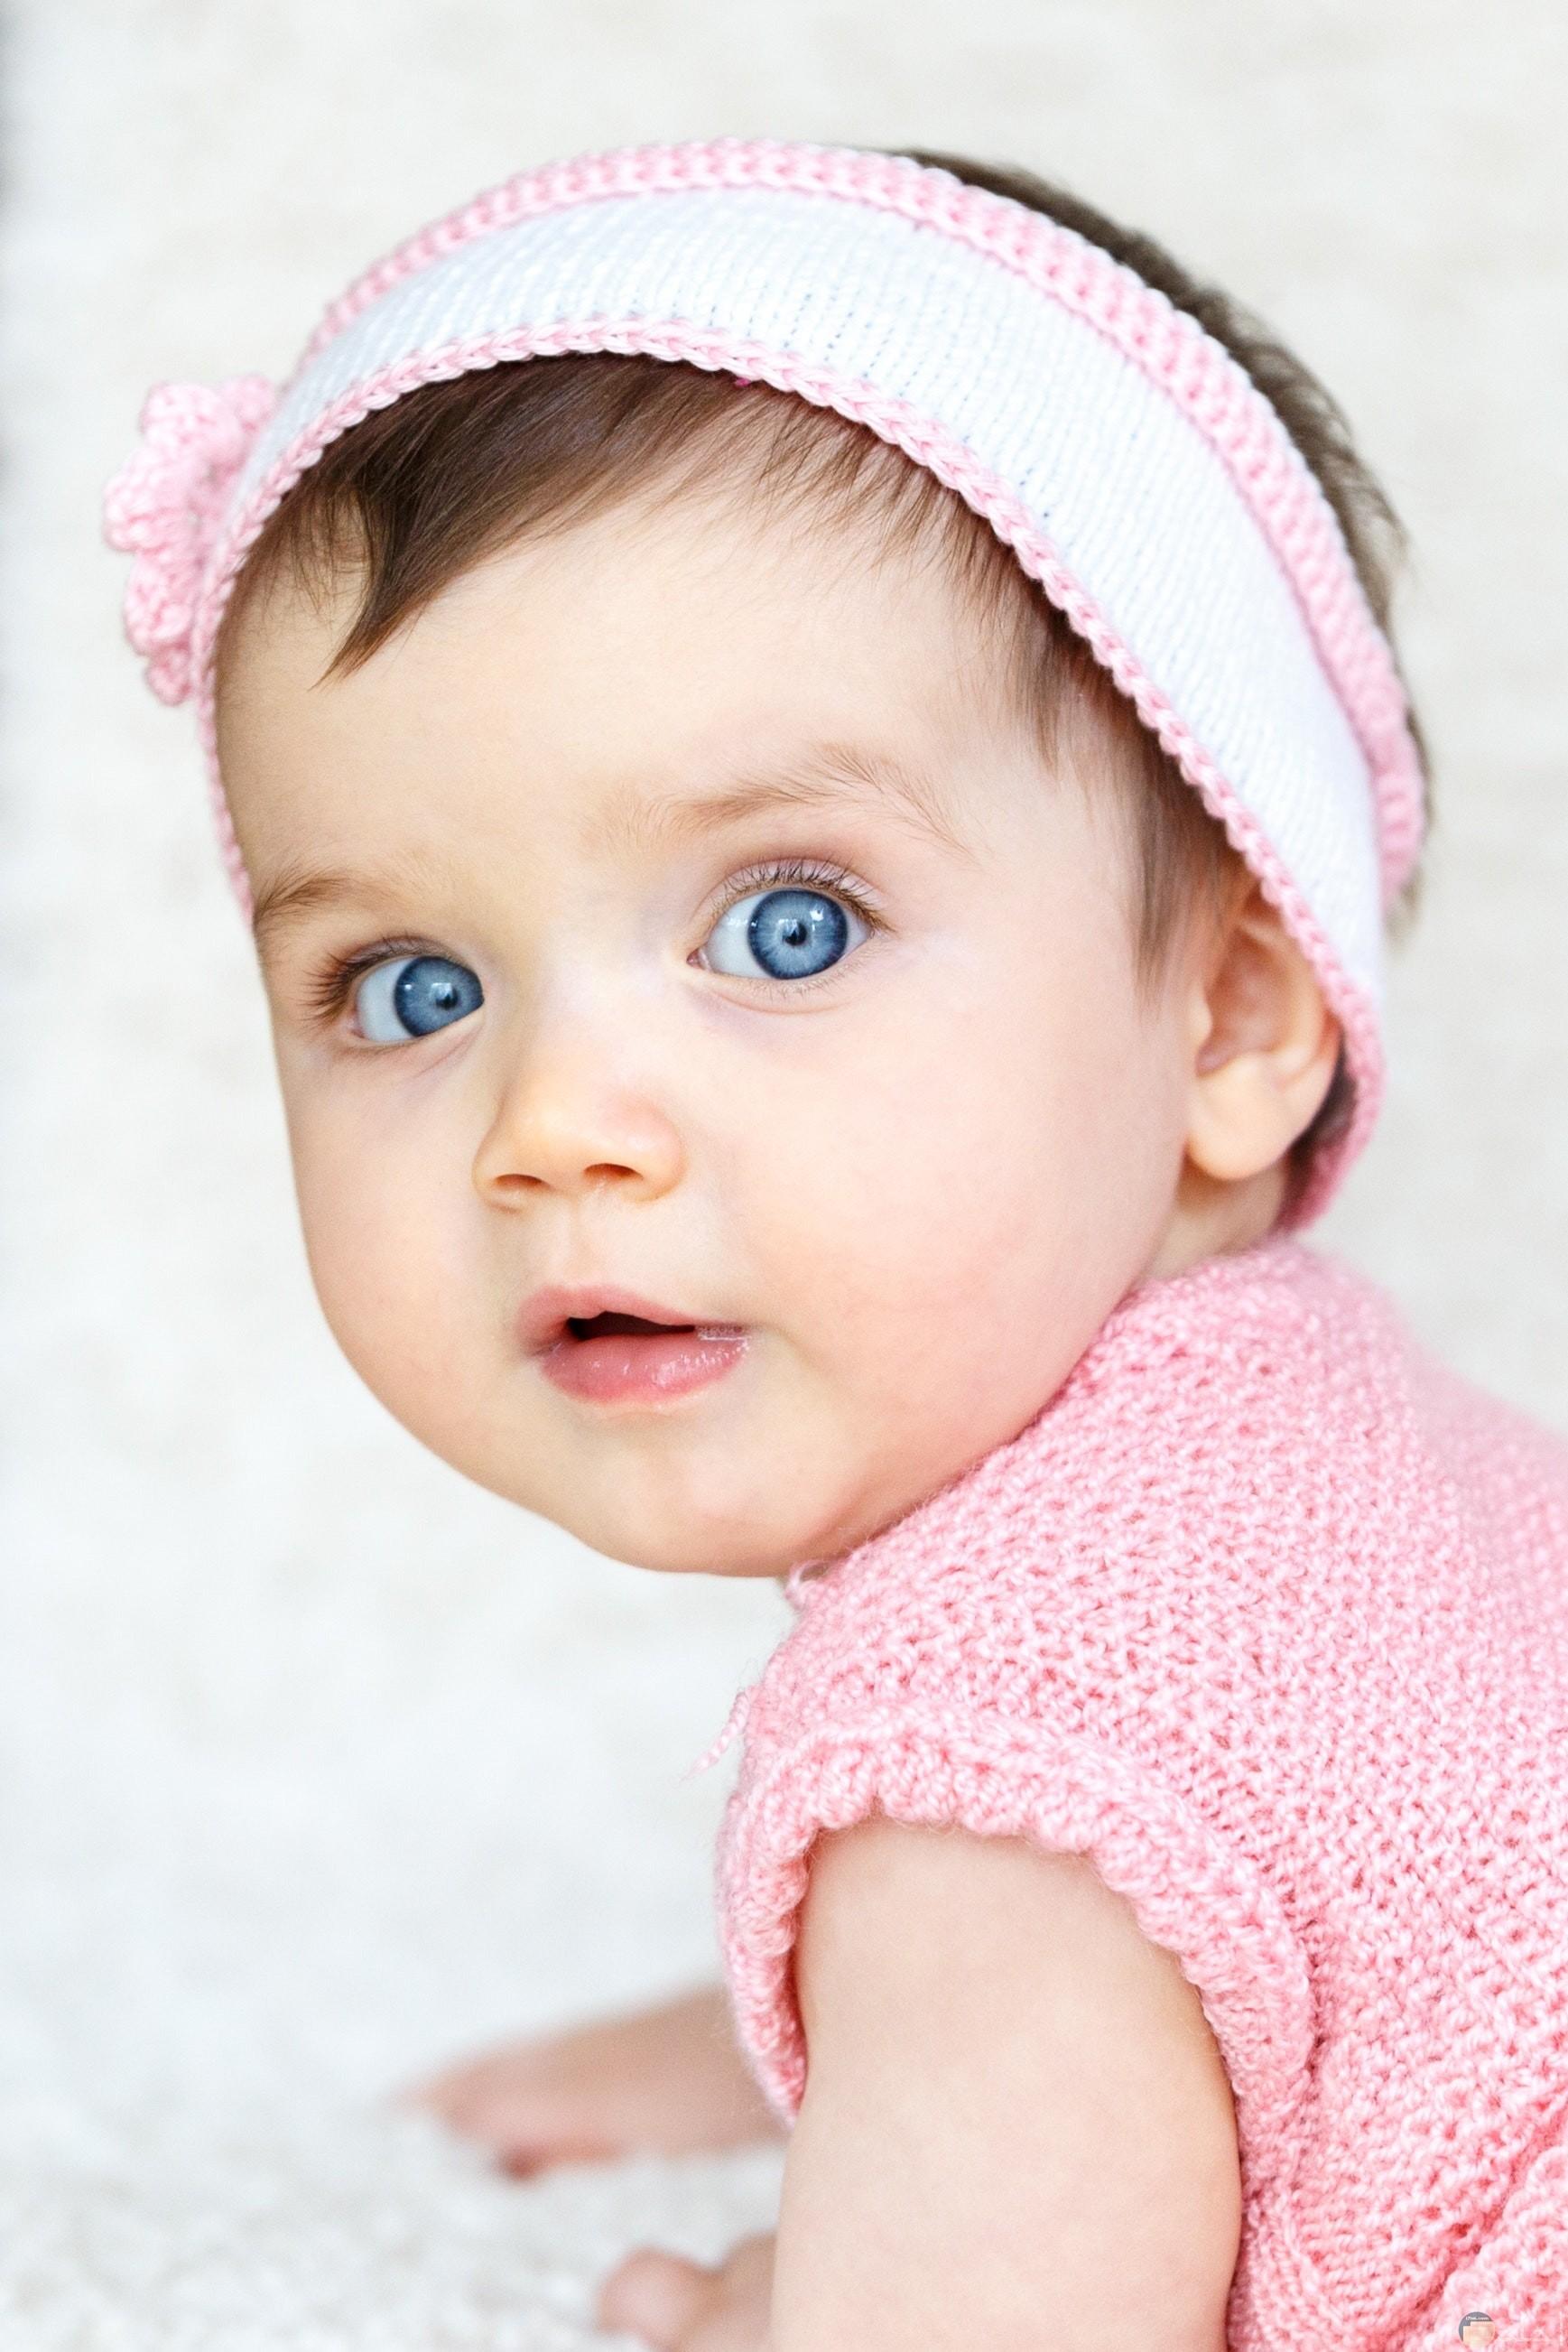 صورة جميلة لطفلة صغيرة كيوت رومانسية ترتدي لبس وردي